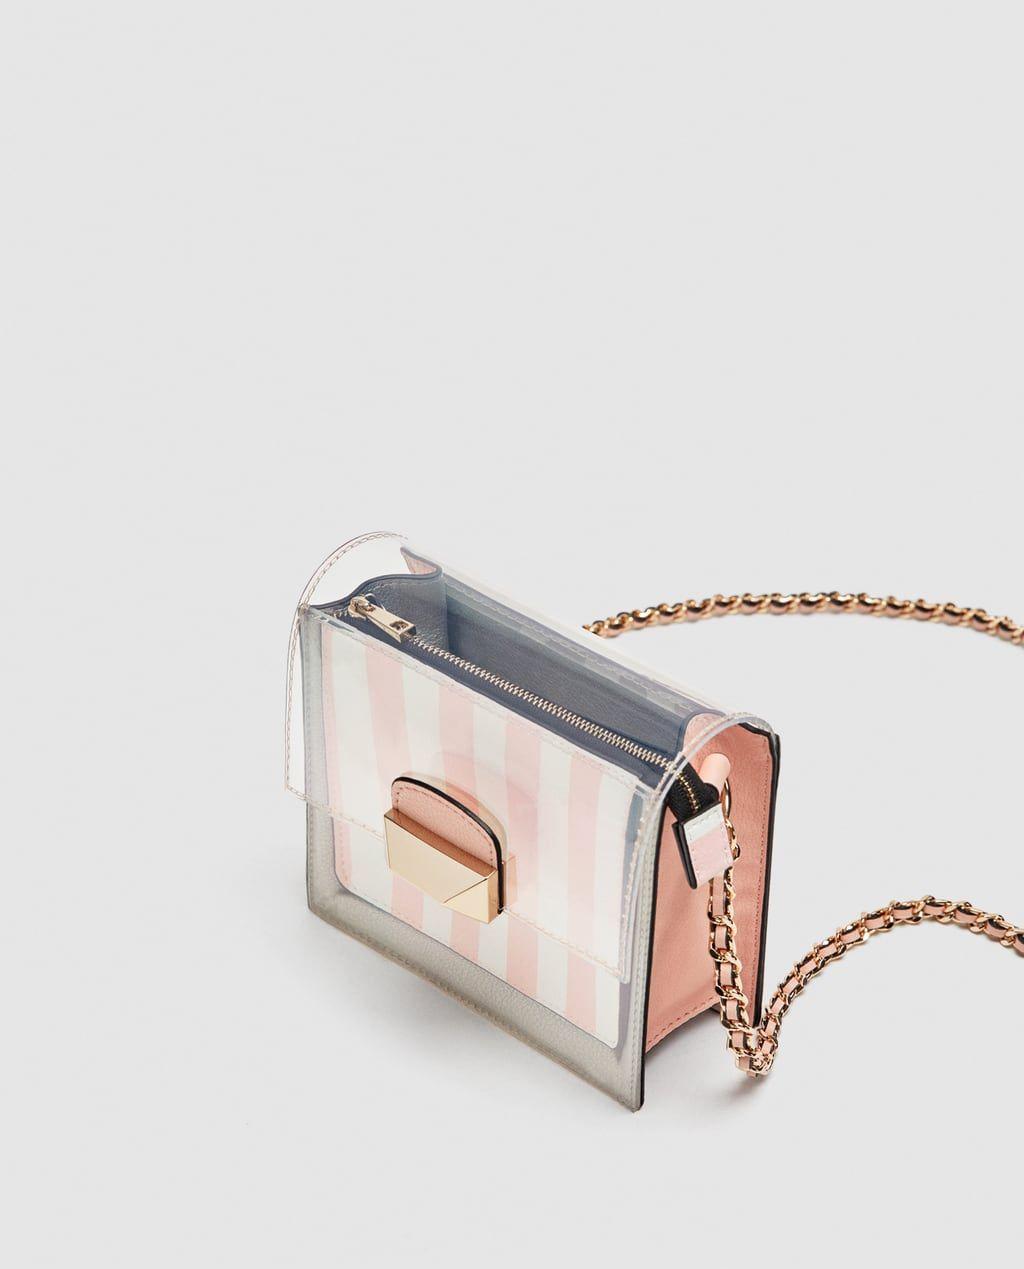 6c92d4660177 Image 4 of EMBELLISHED MINI VINYL CROSSBODY BAG from Zara   Şeffaf ...